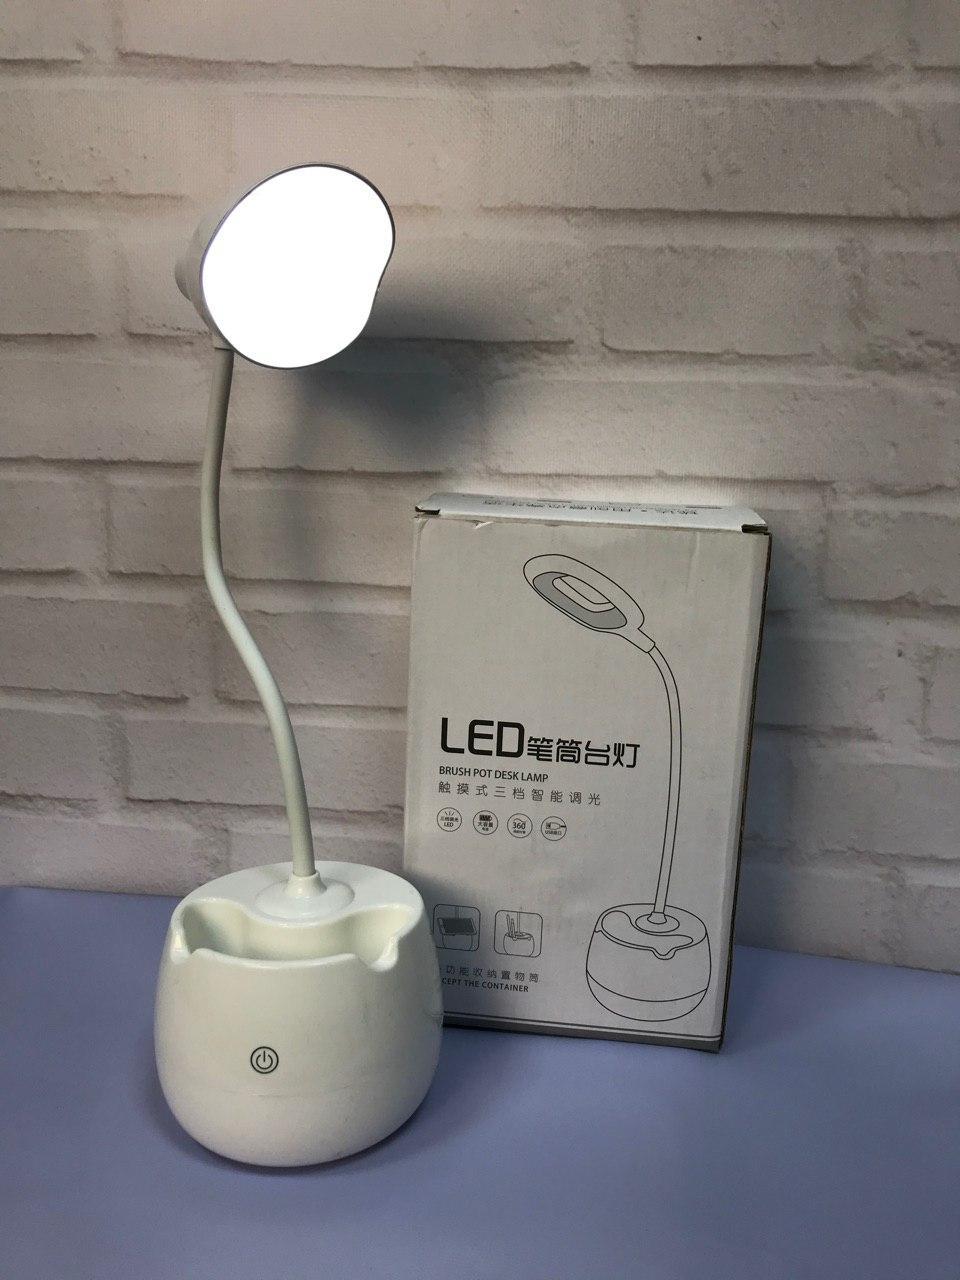 Компактна портативна Яскрава без провідна настільна Лампа з сенсорним управлінням. Краща Ціна!